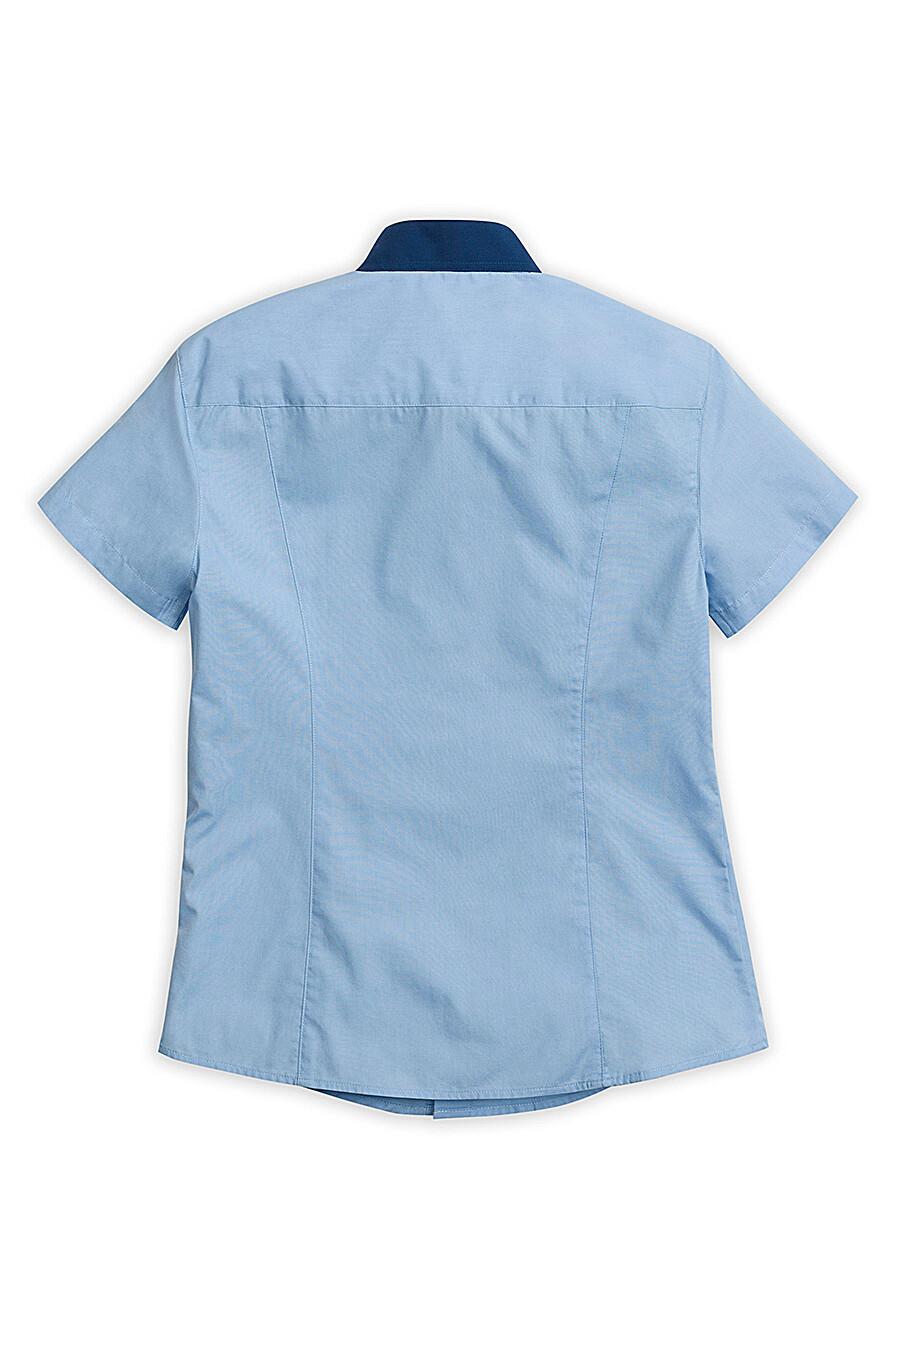 Сорочка для мальчиков PELICAN 218534 купить оптом от производителя. Совместная покупка детской одежды в OptMoyo